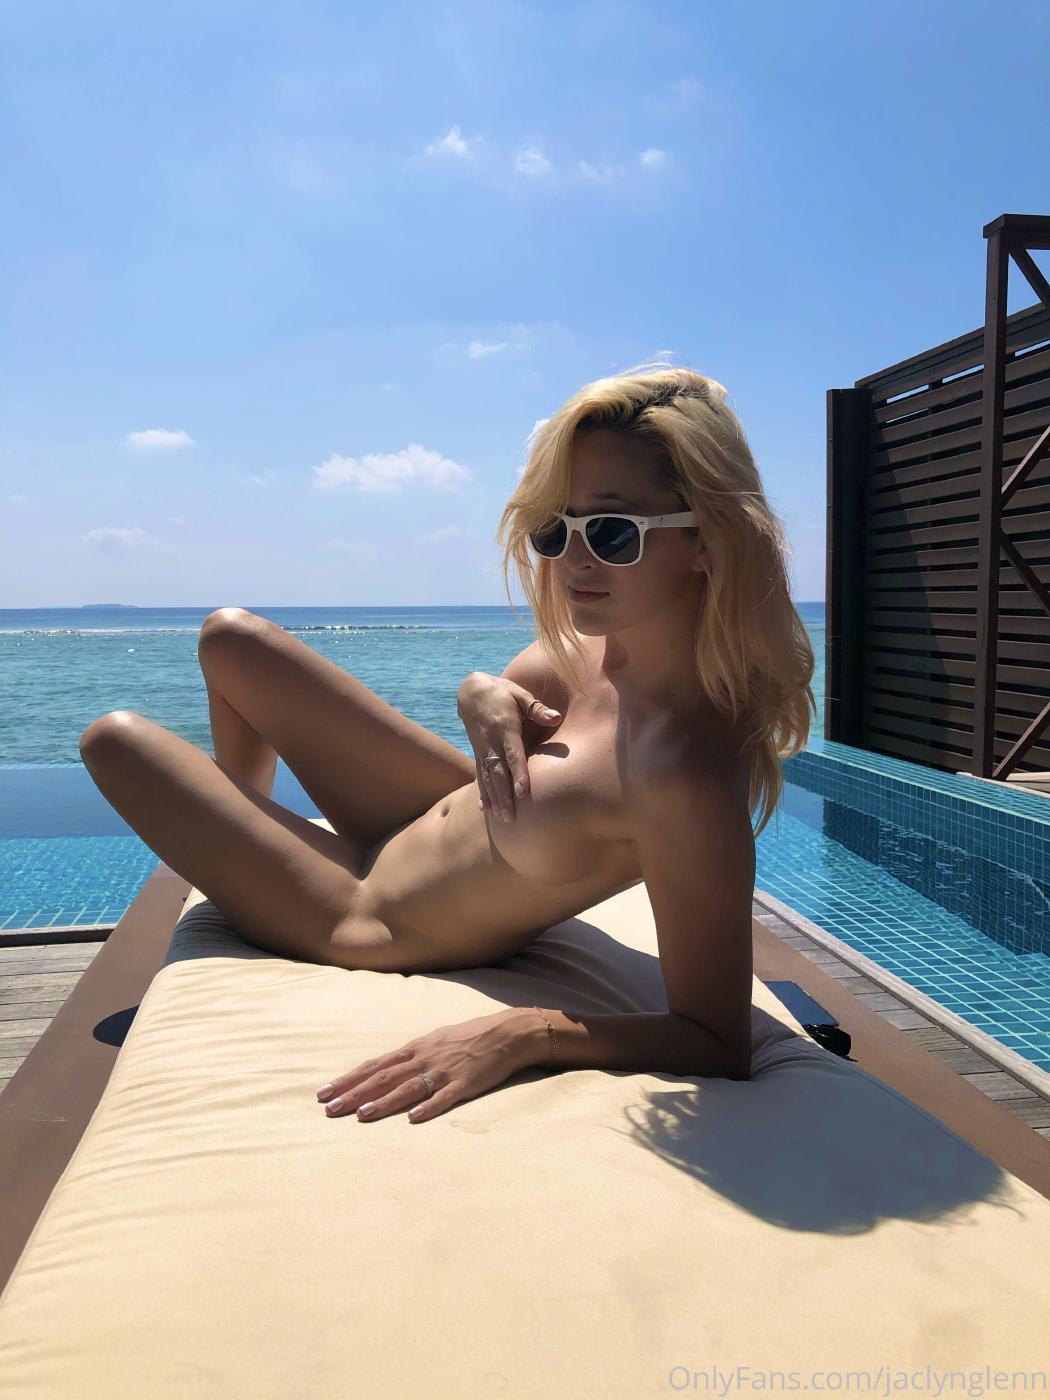 Jaclyn Glenn Nude Bikini Onlyfans Set Leaked Yunhjz